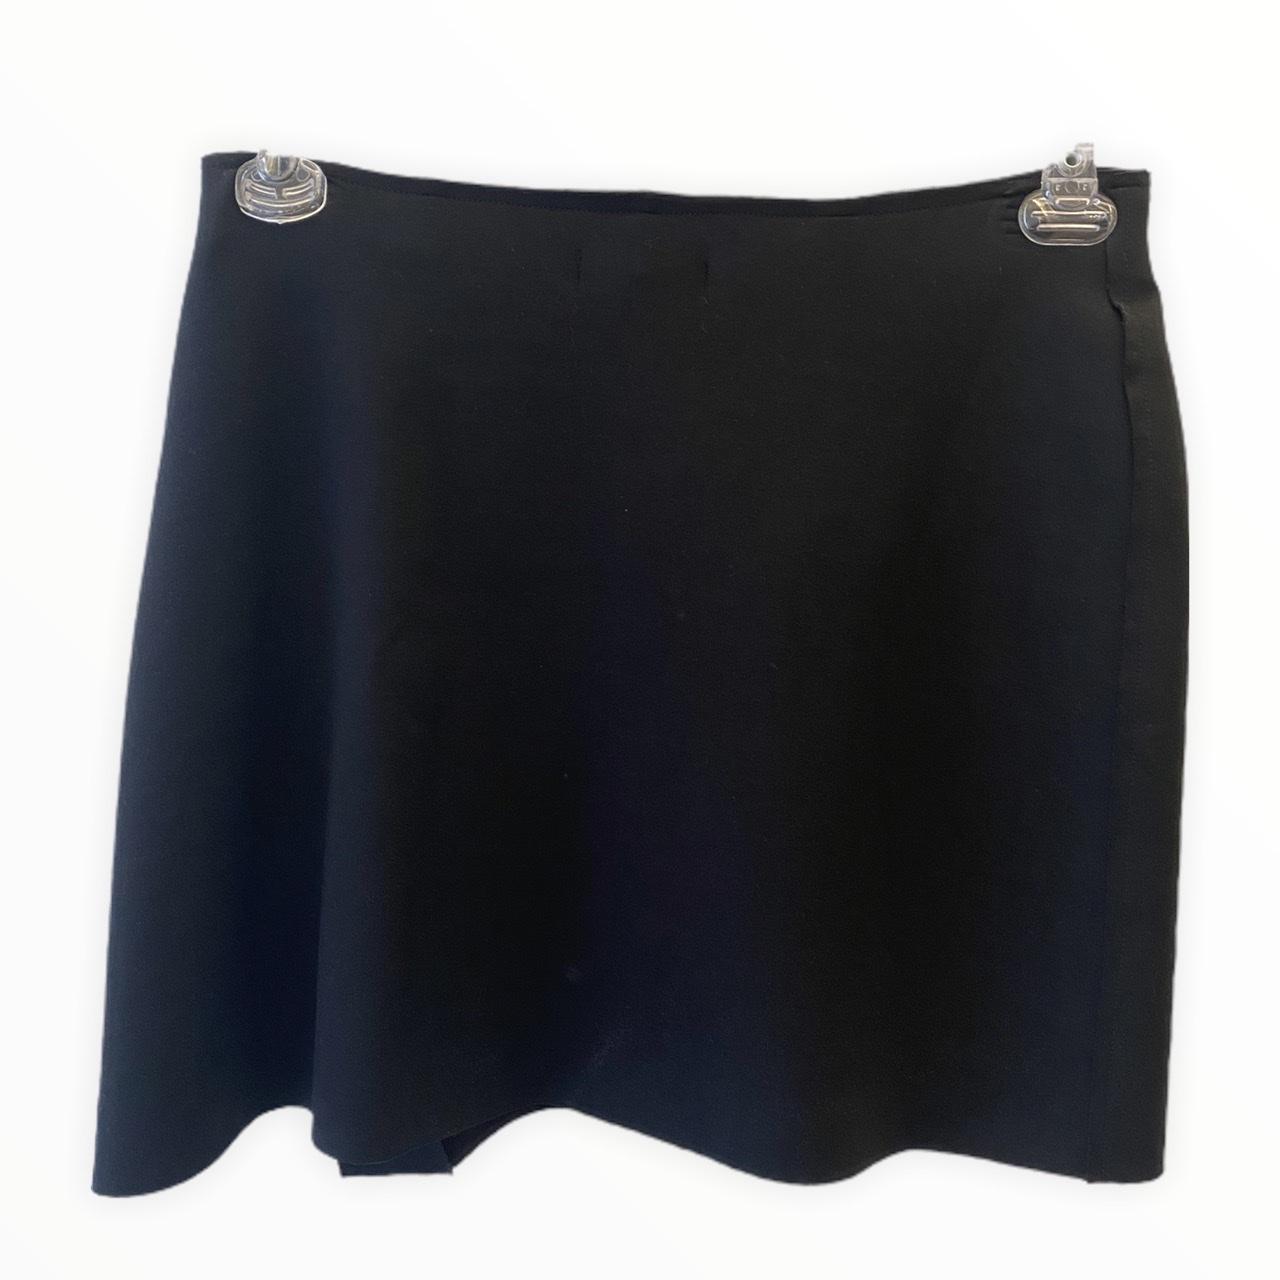 Saia-shorts em neoprene preto com botões metal